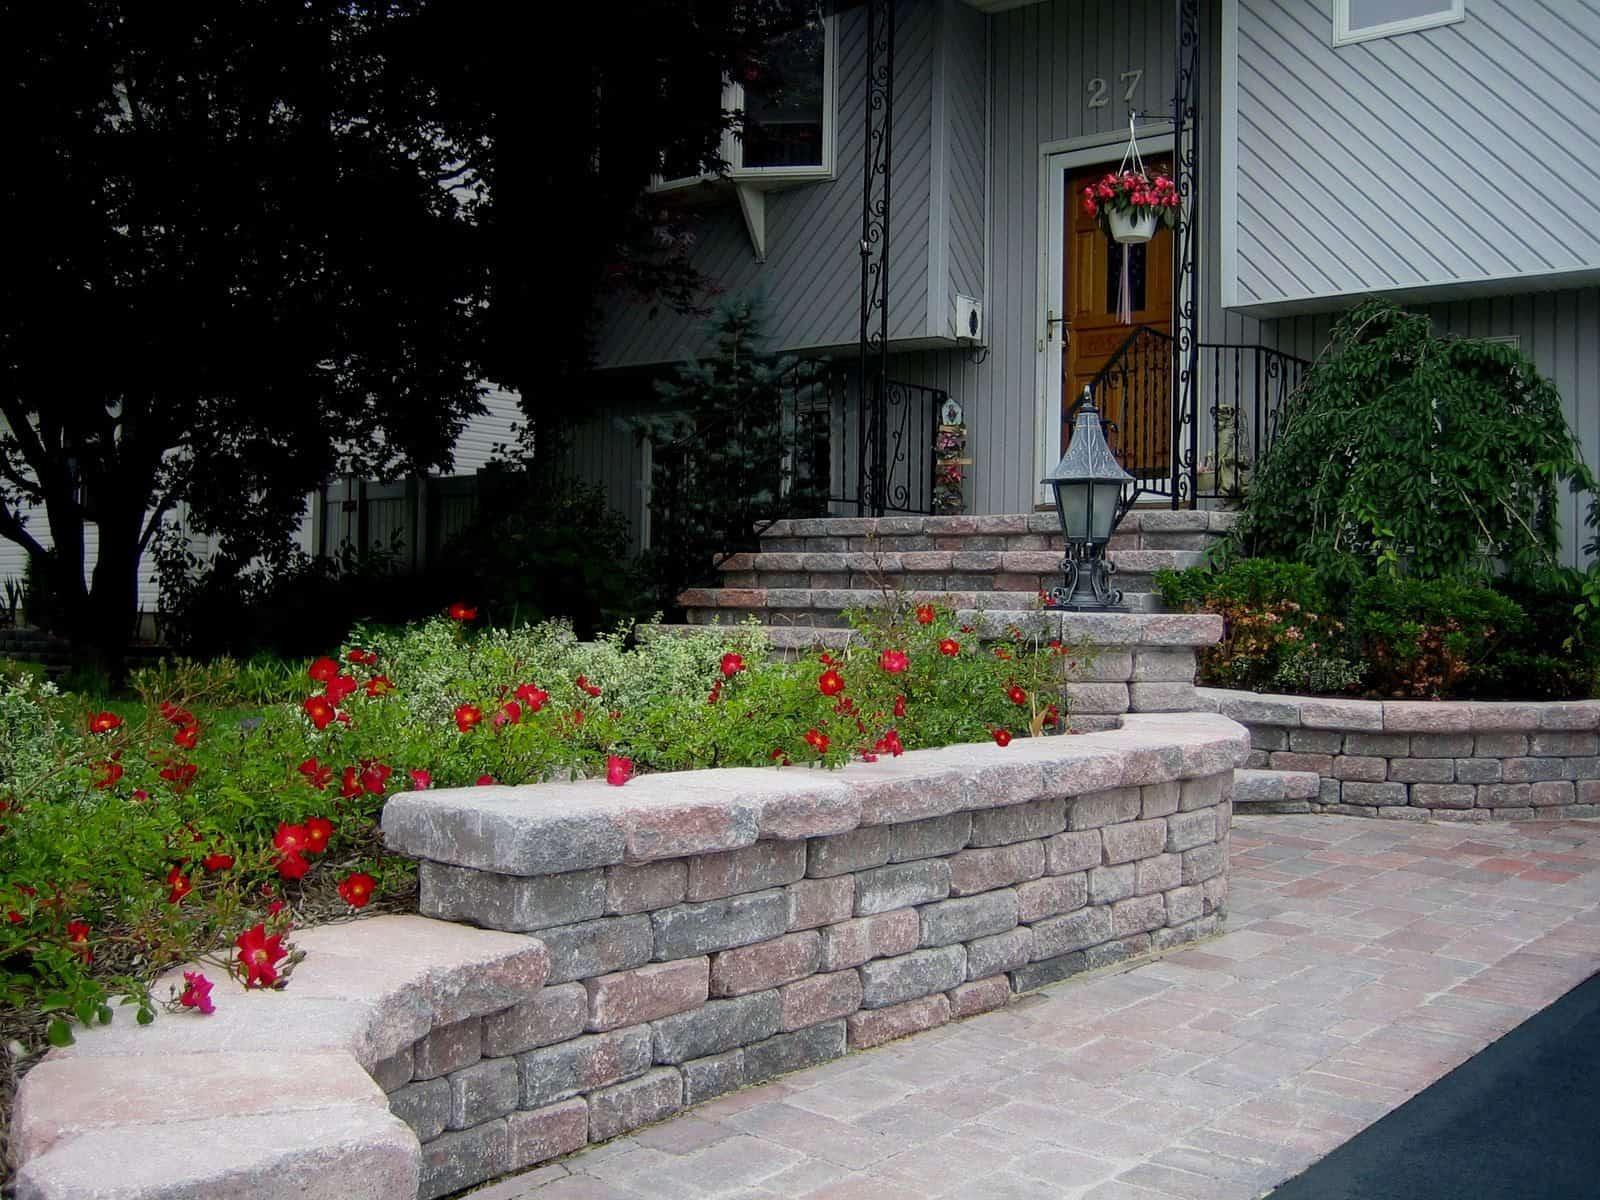 Retaining Wall with Rio Wall Stone - Color - Ruby Onyx - Lindenhurst, Long Island NY